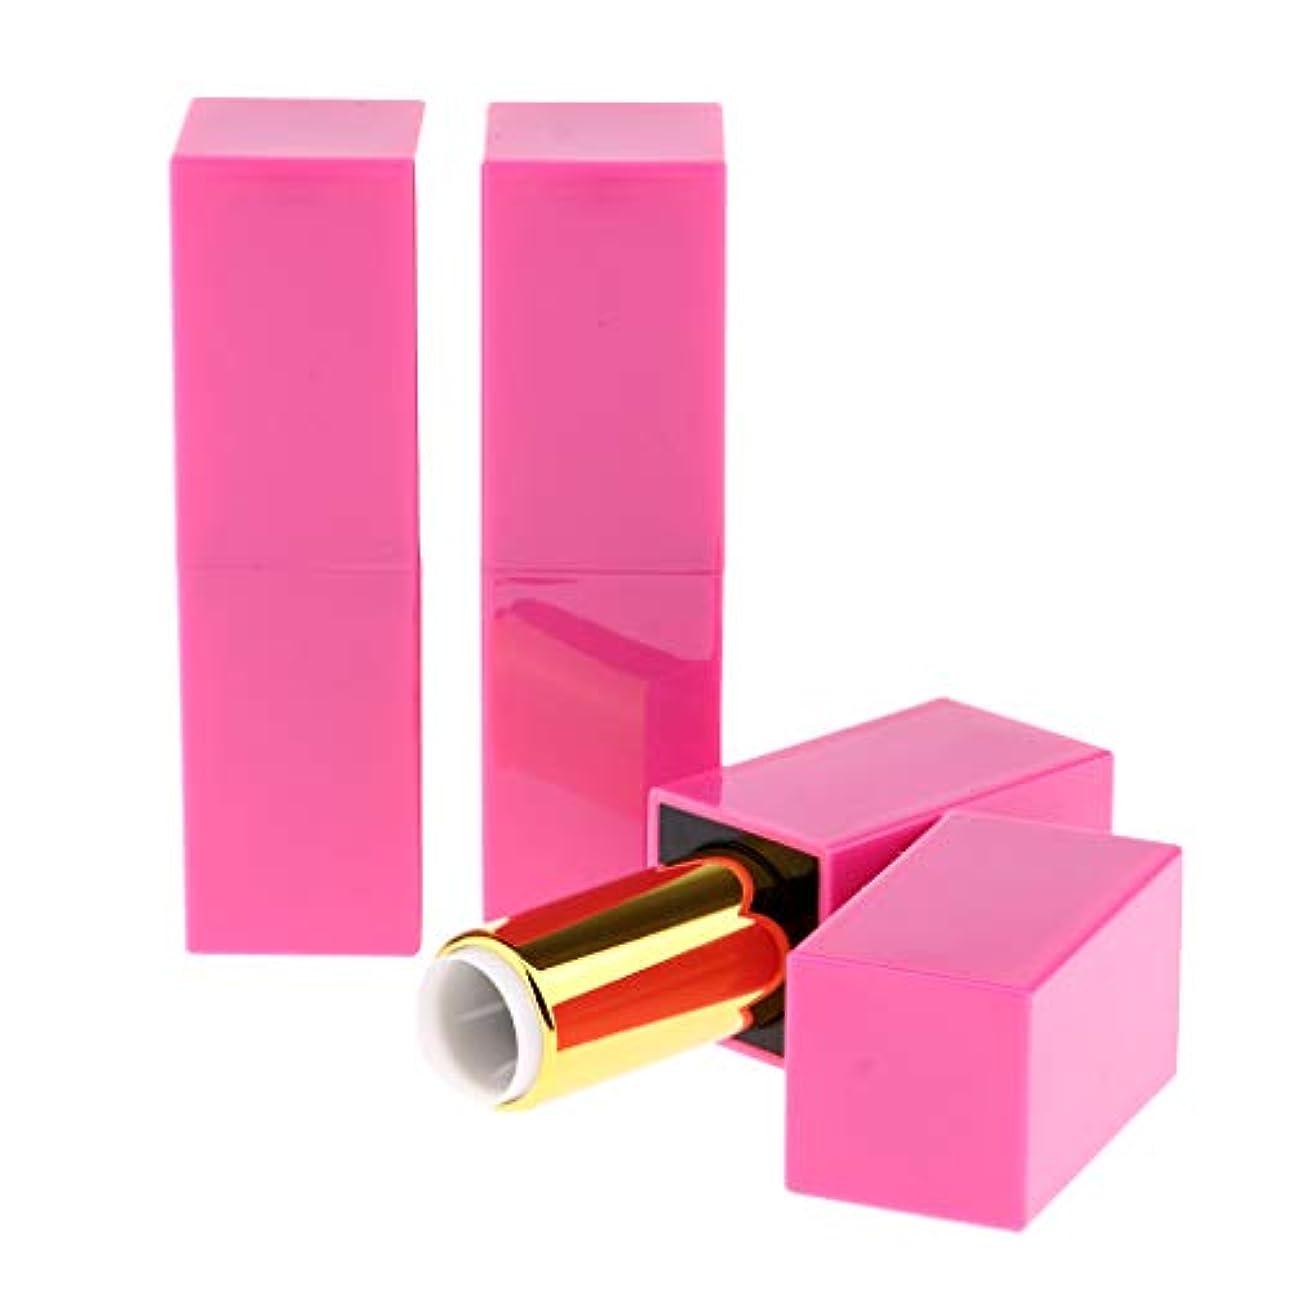 衣装活力中性化粧チューブ 空の口紅チューブ リップグロスチューブ リップグロス容器 12.1mm 3本パック